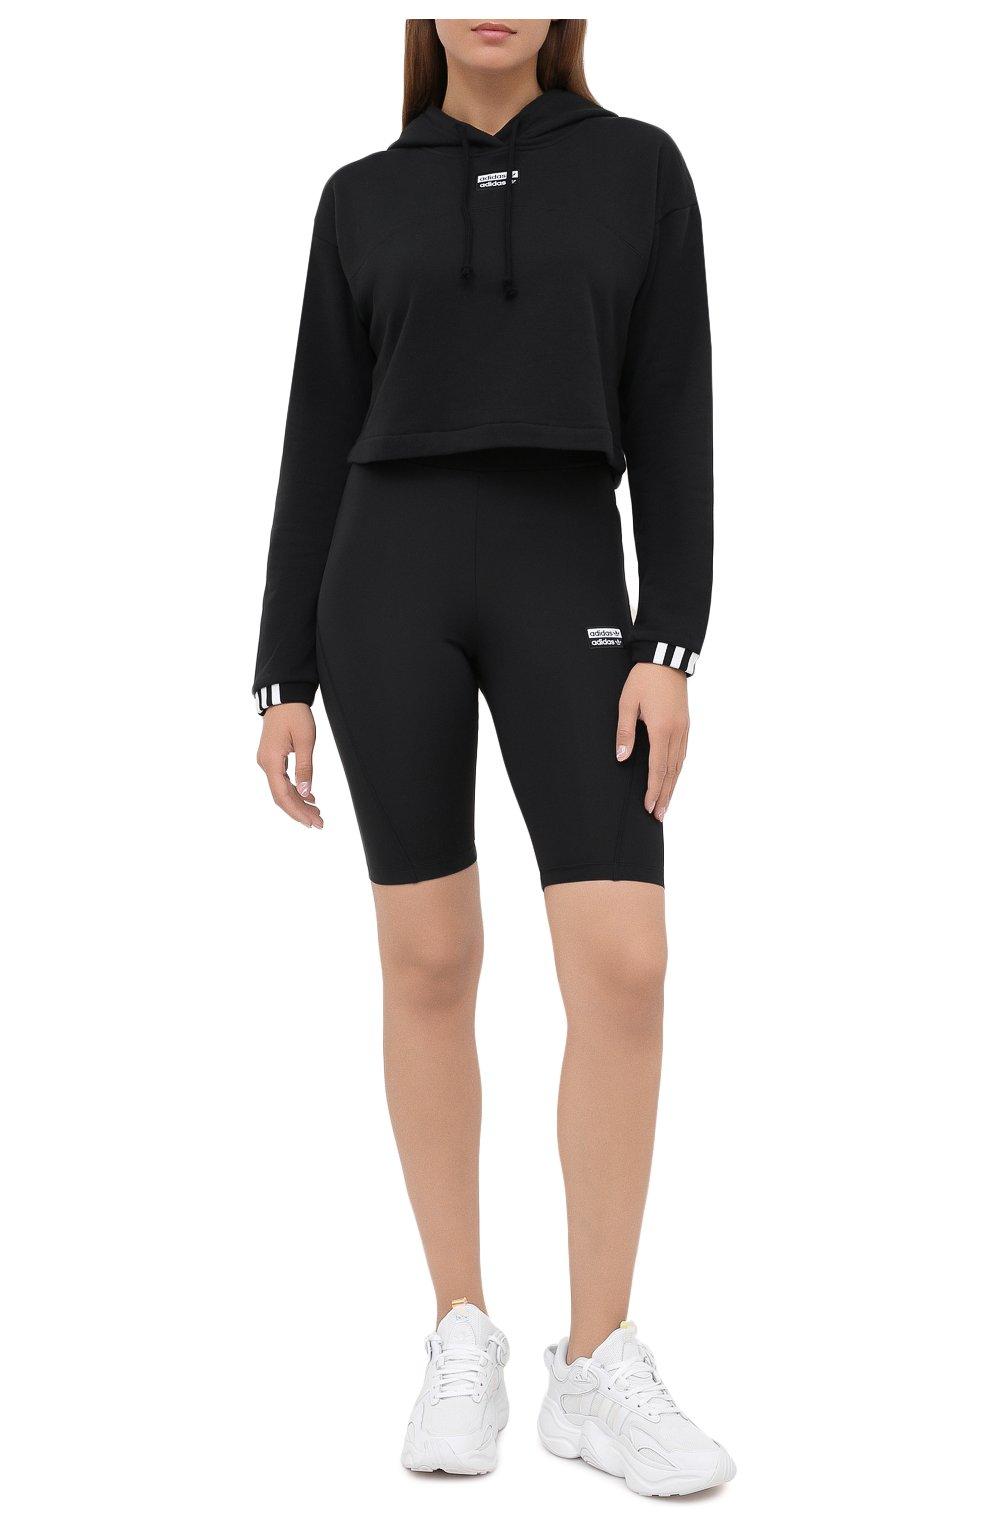 Женские шорты ADIDAS ORIGINALS черного цвета, арт. GD3882 | Фото 2 (Длина Ж (юбки, платья, шорты): Мини; Кросс-КТ: Спорт)